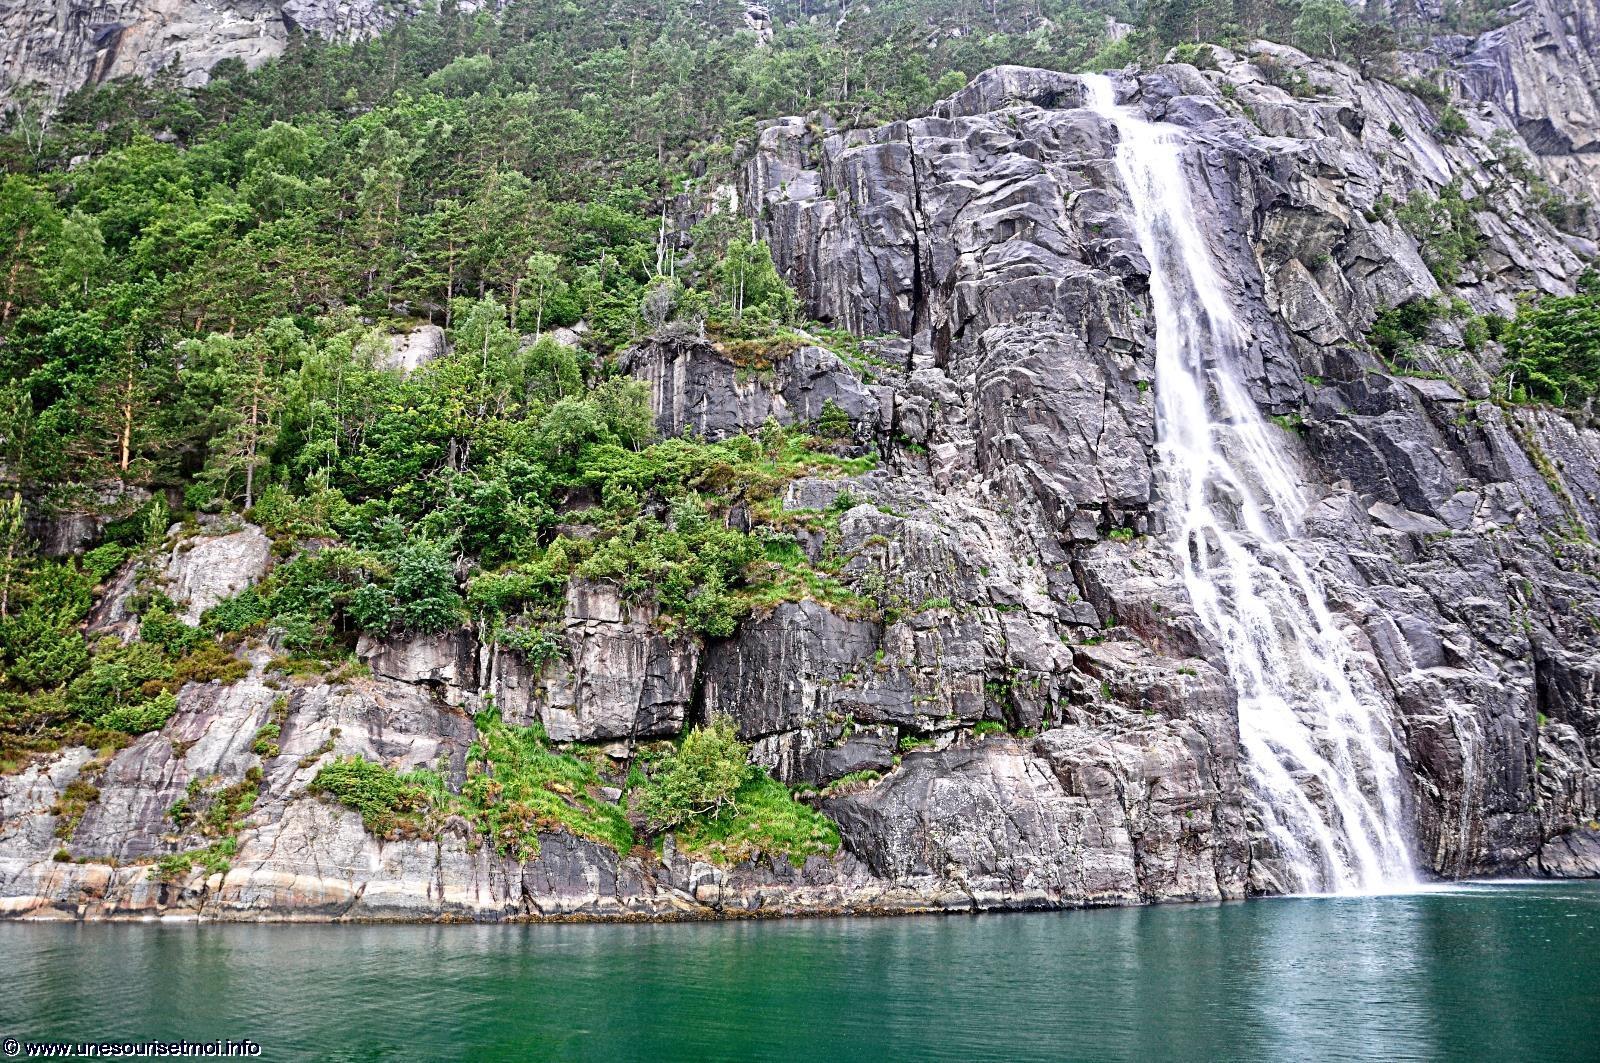 norvege_falaise-et-chute-eau_dans-le-fjord_en-navigation